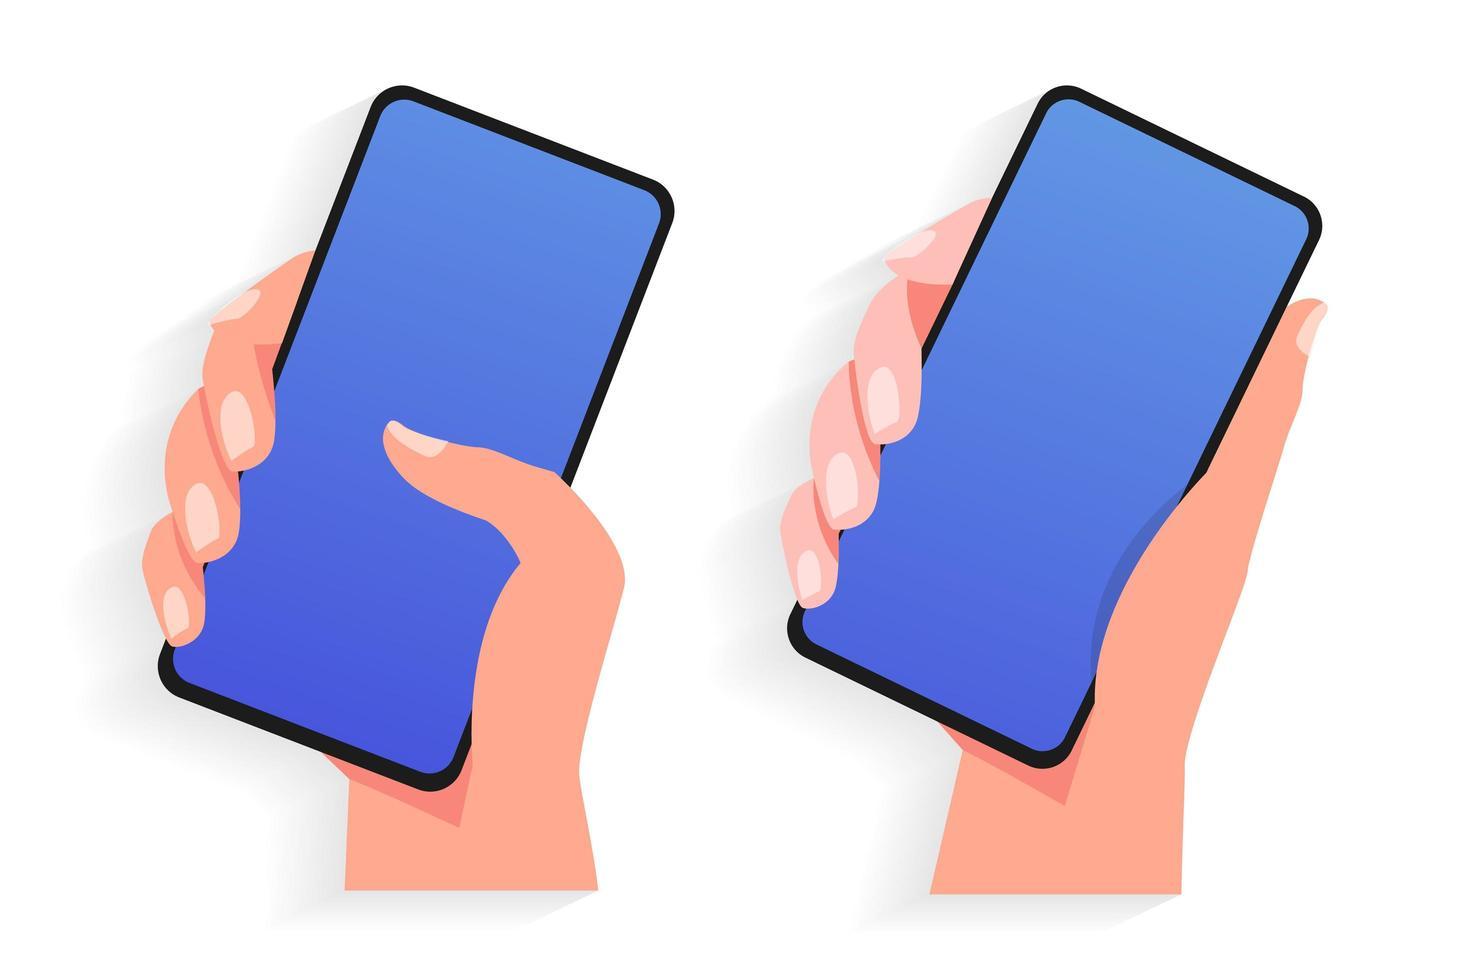 juego de manos sosteniendo teléfono móvil vector